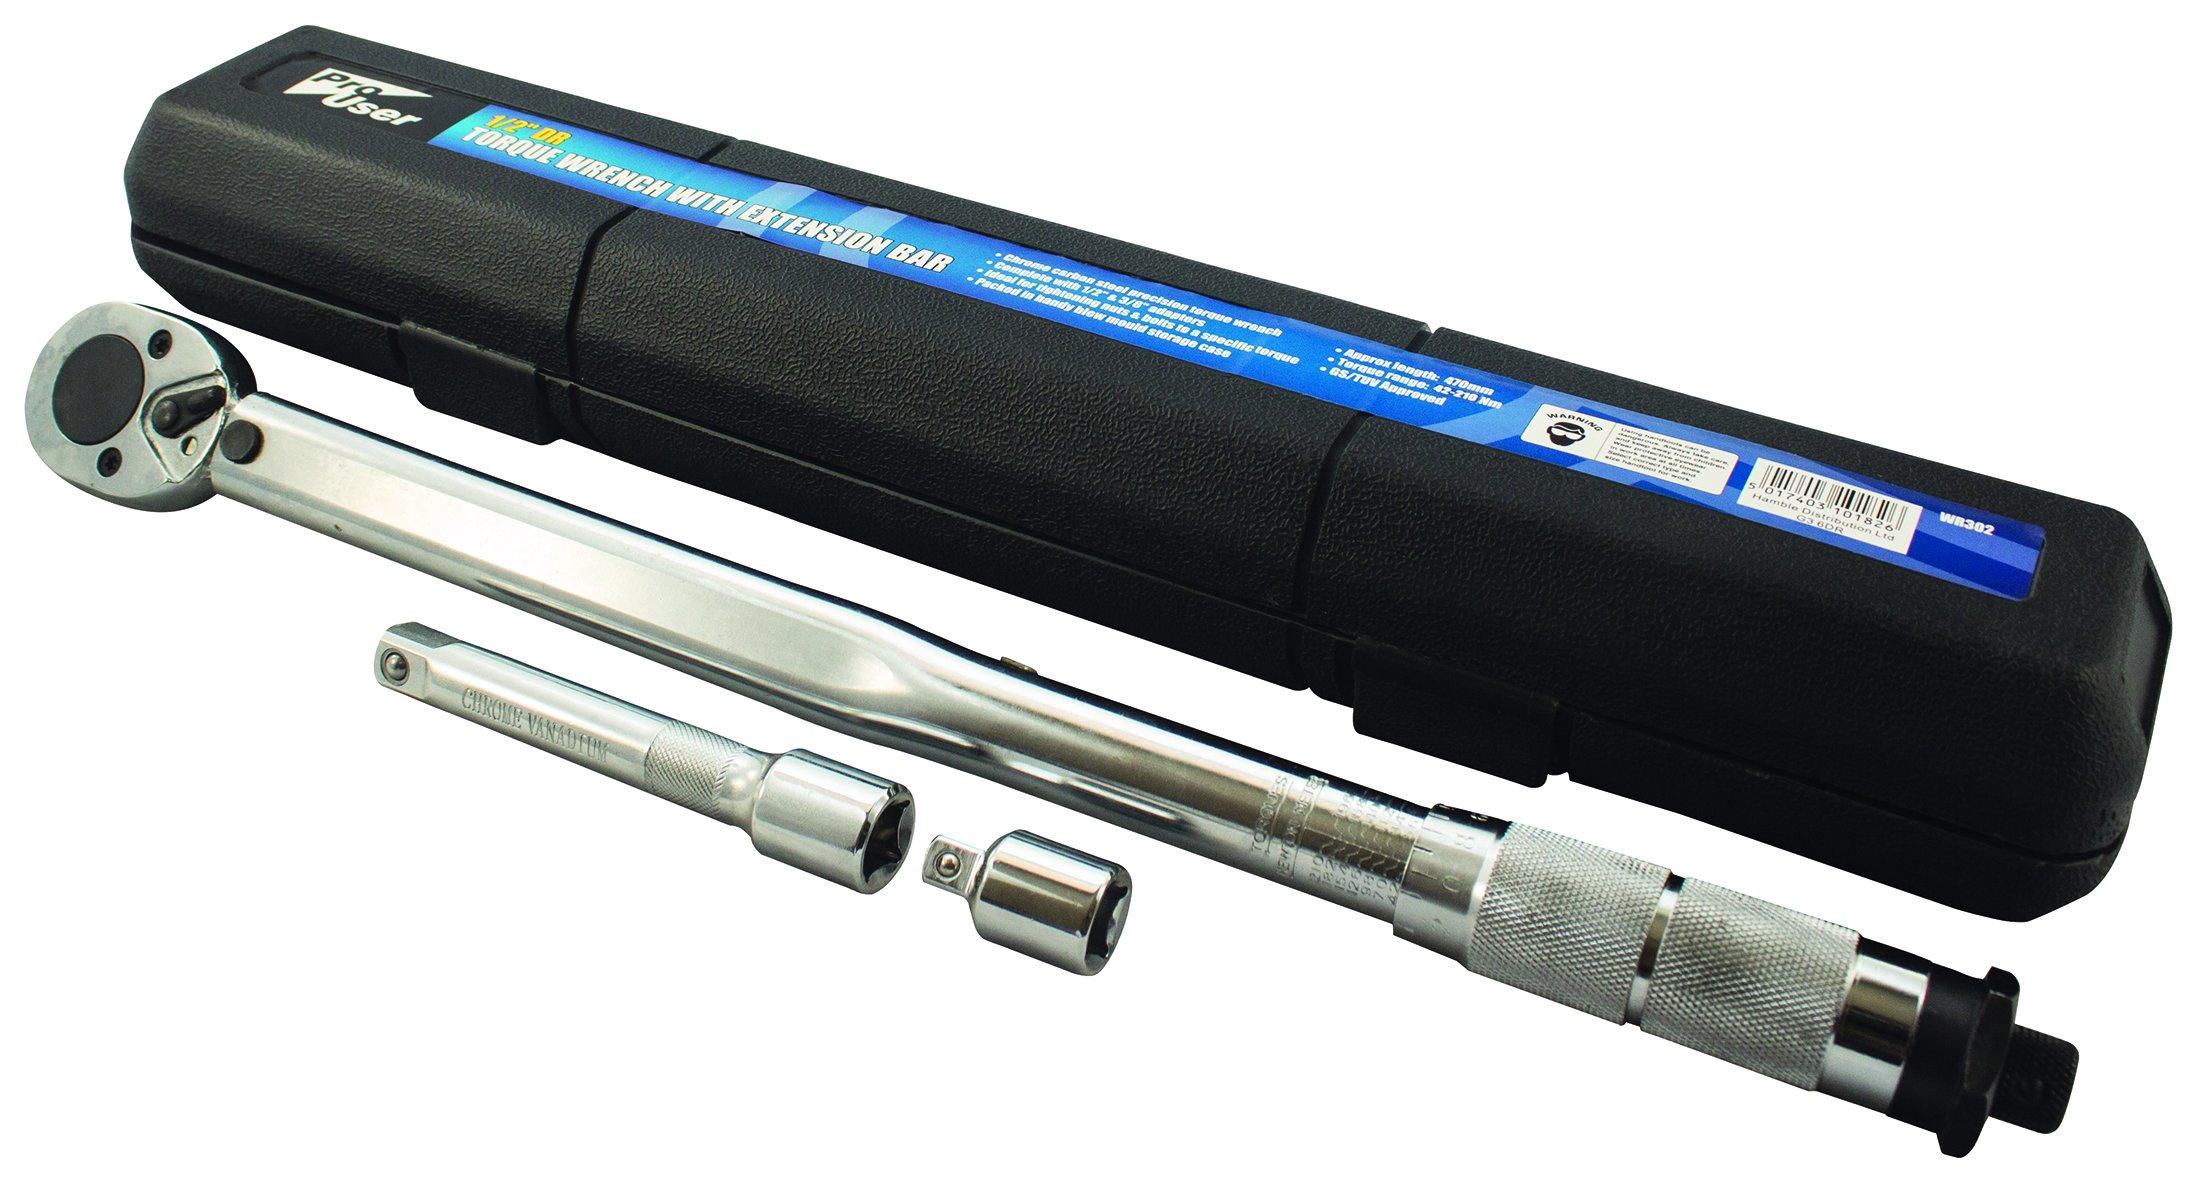 Pro usuario wr302 llave dinamométrica con barra de extensión, Plata, 1/2-